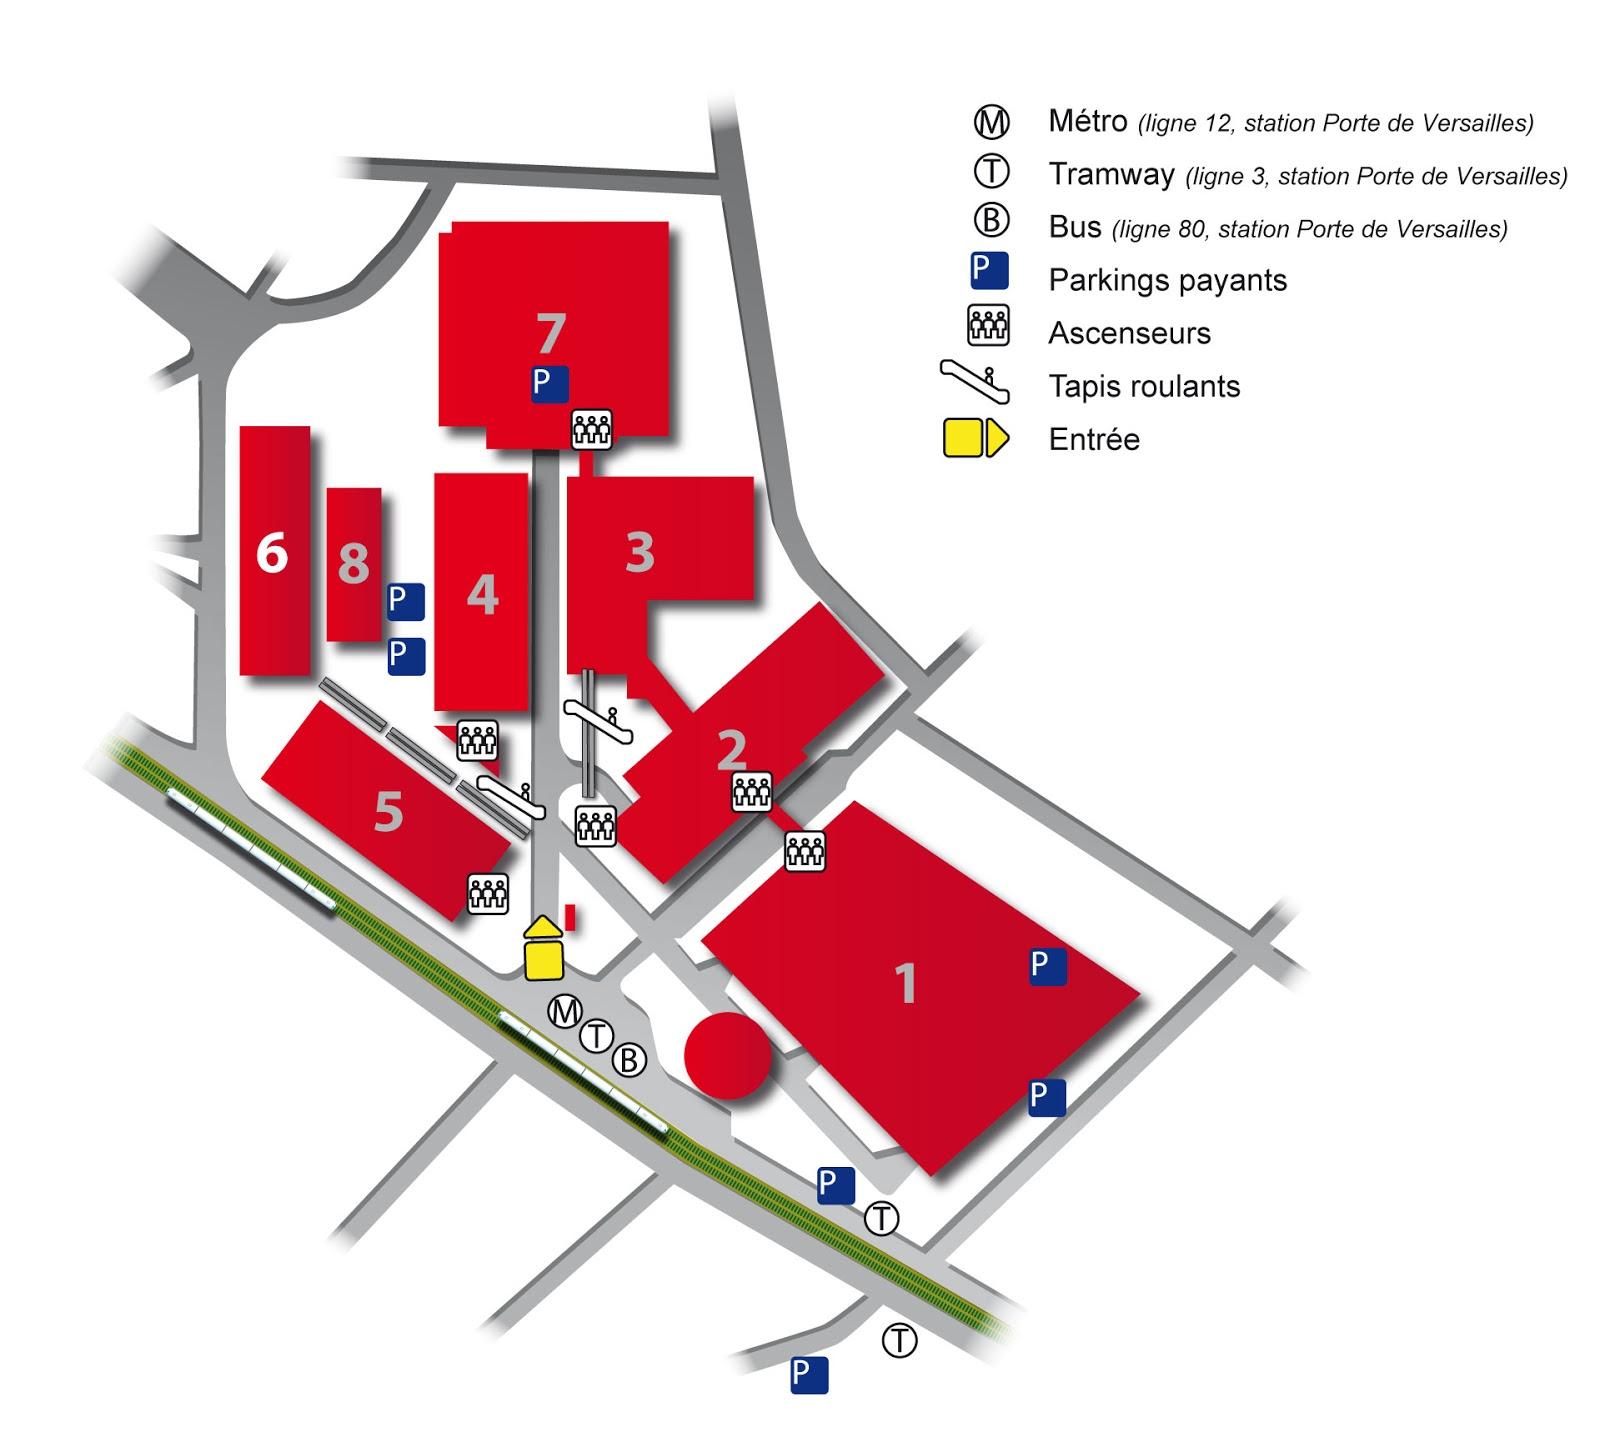 Mon plan moi illustrations infographies - Parc exposition porte de versailles ...